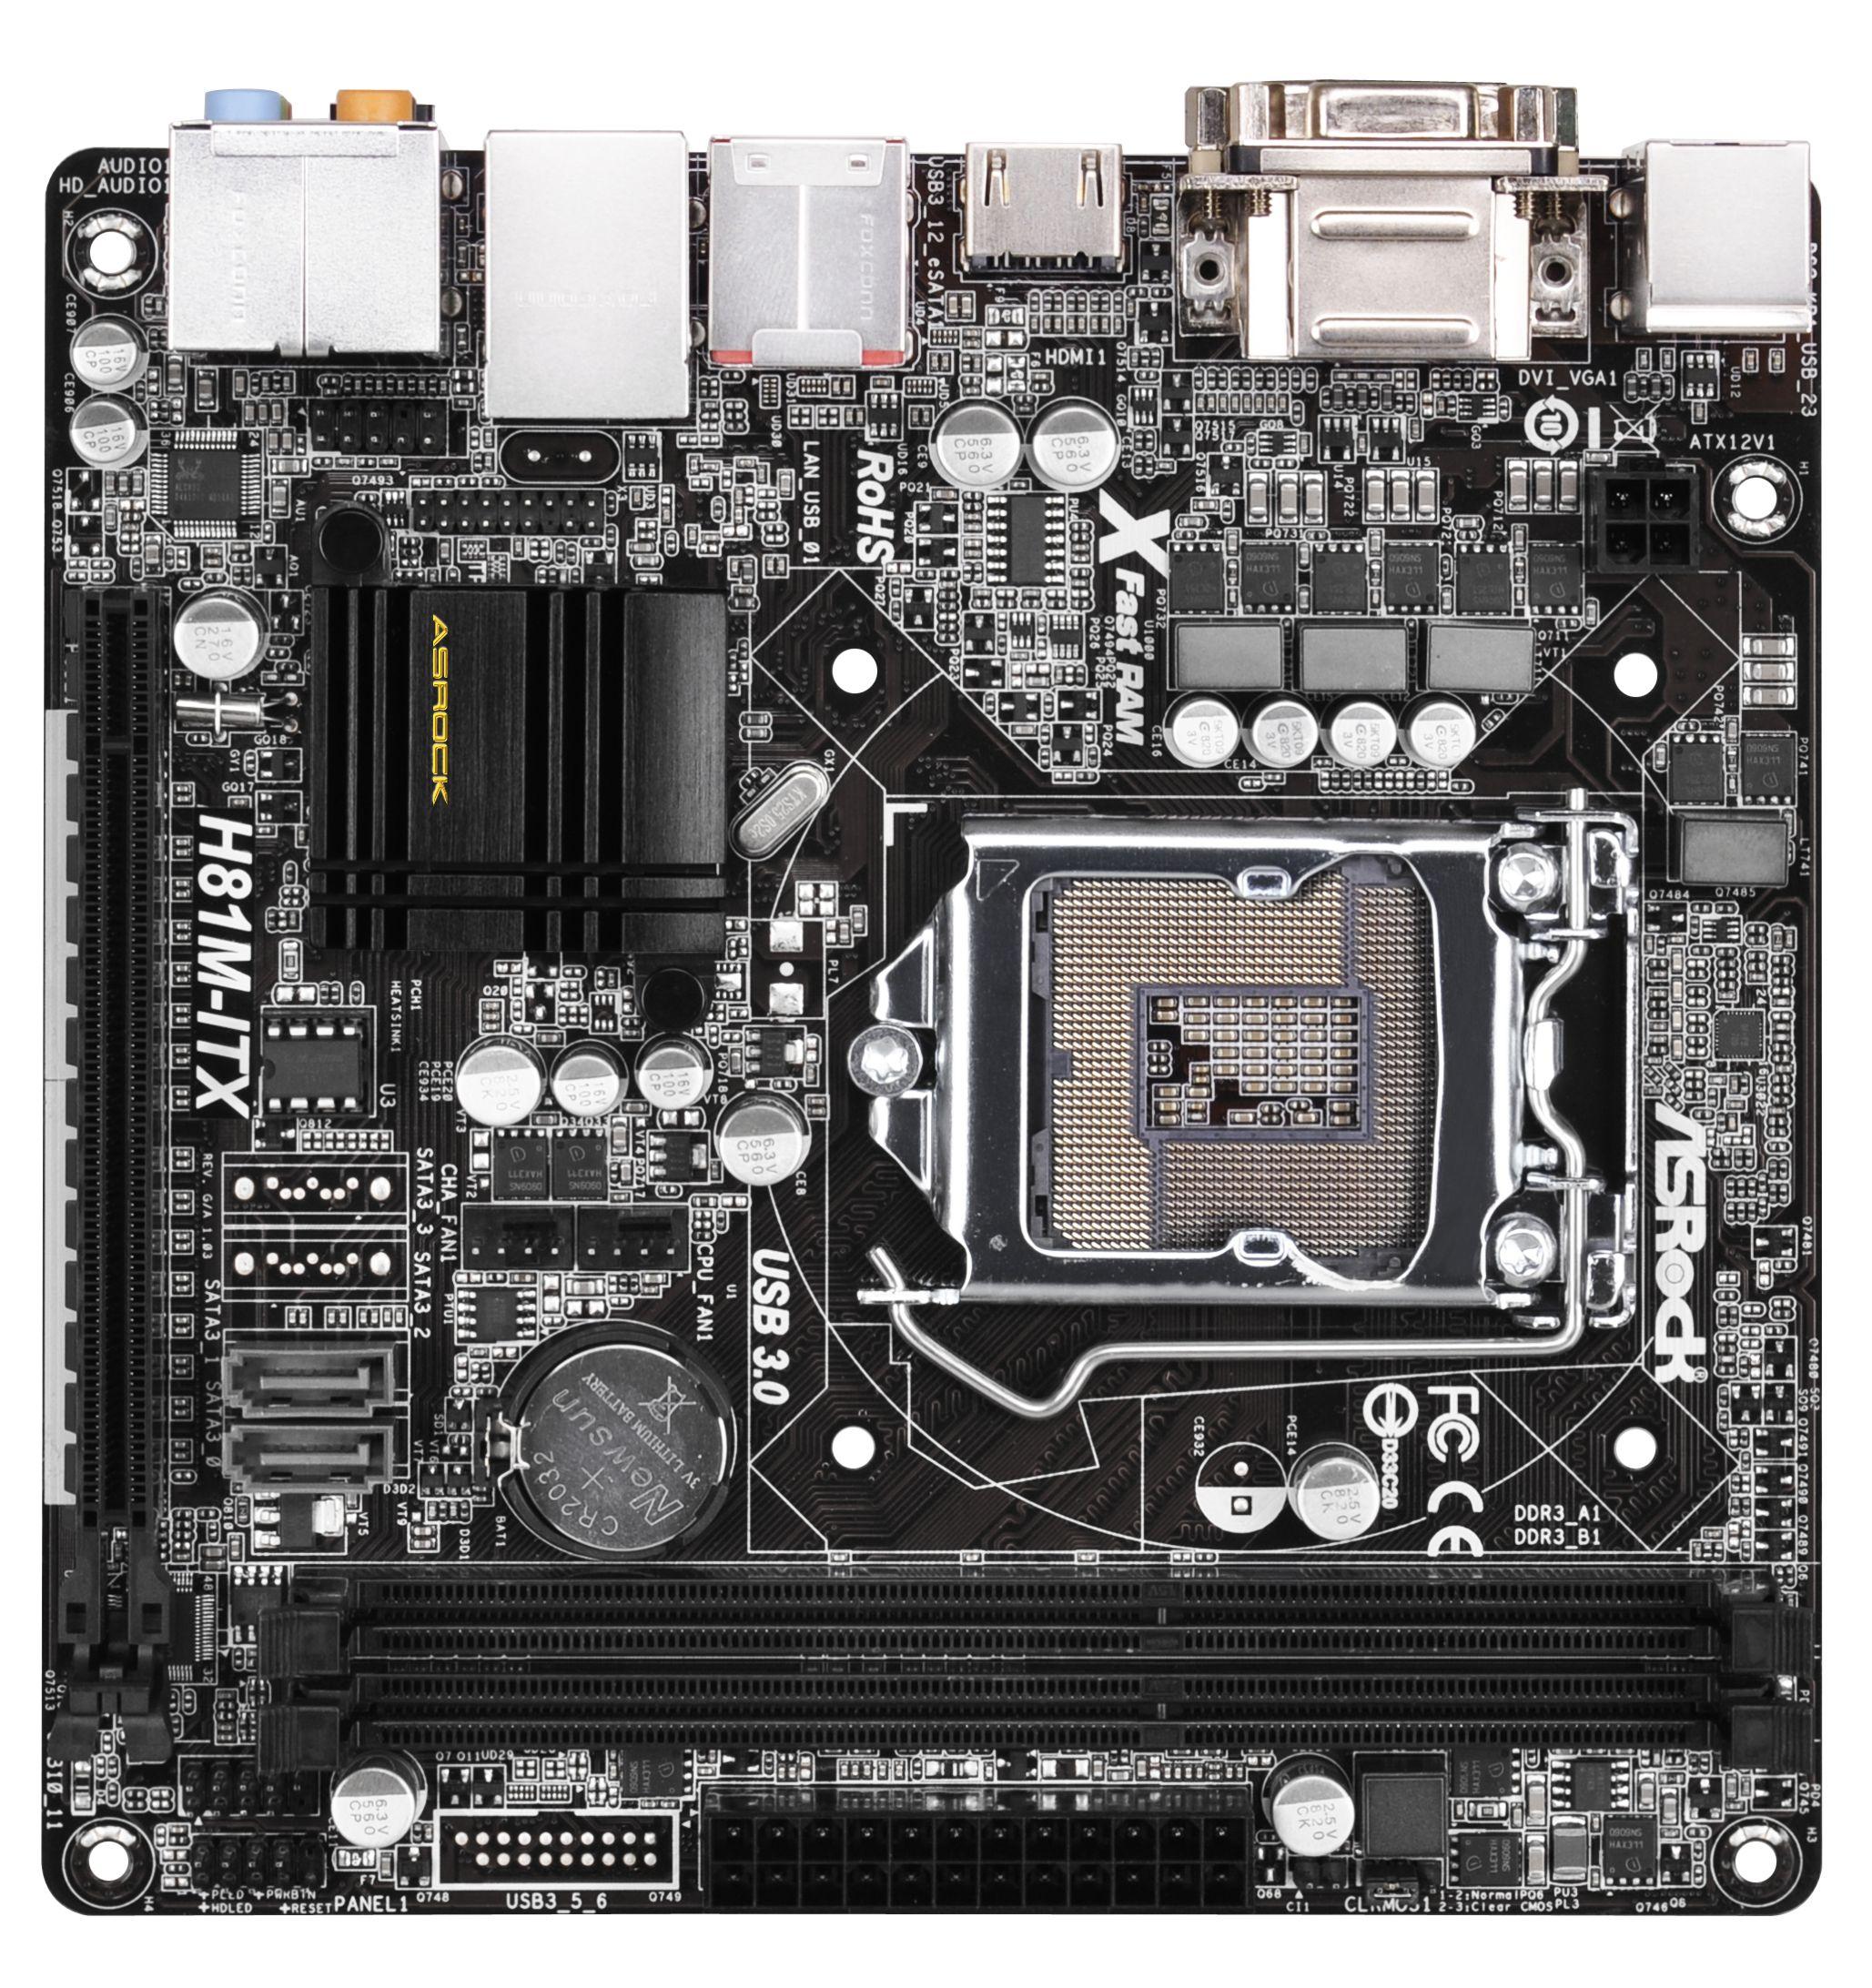 ASRock H81M-ITX Atheros LAN Driver for PC